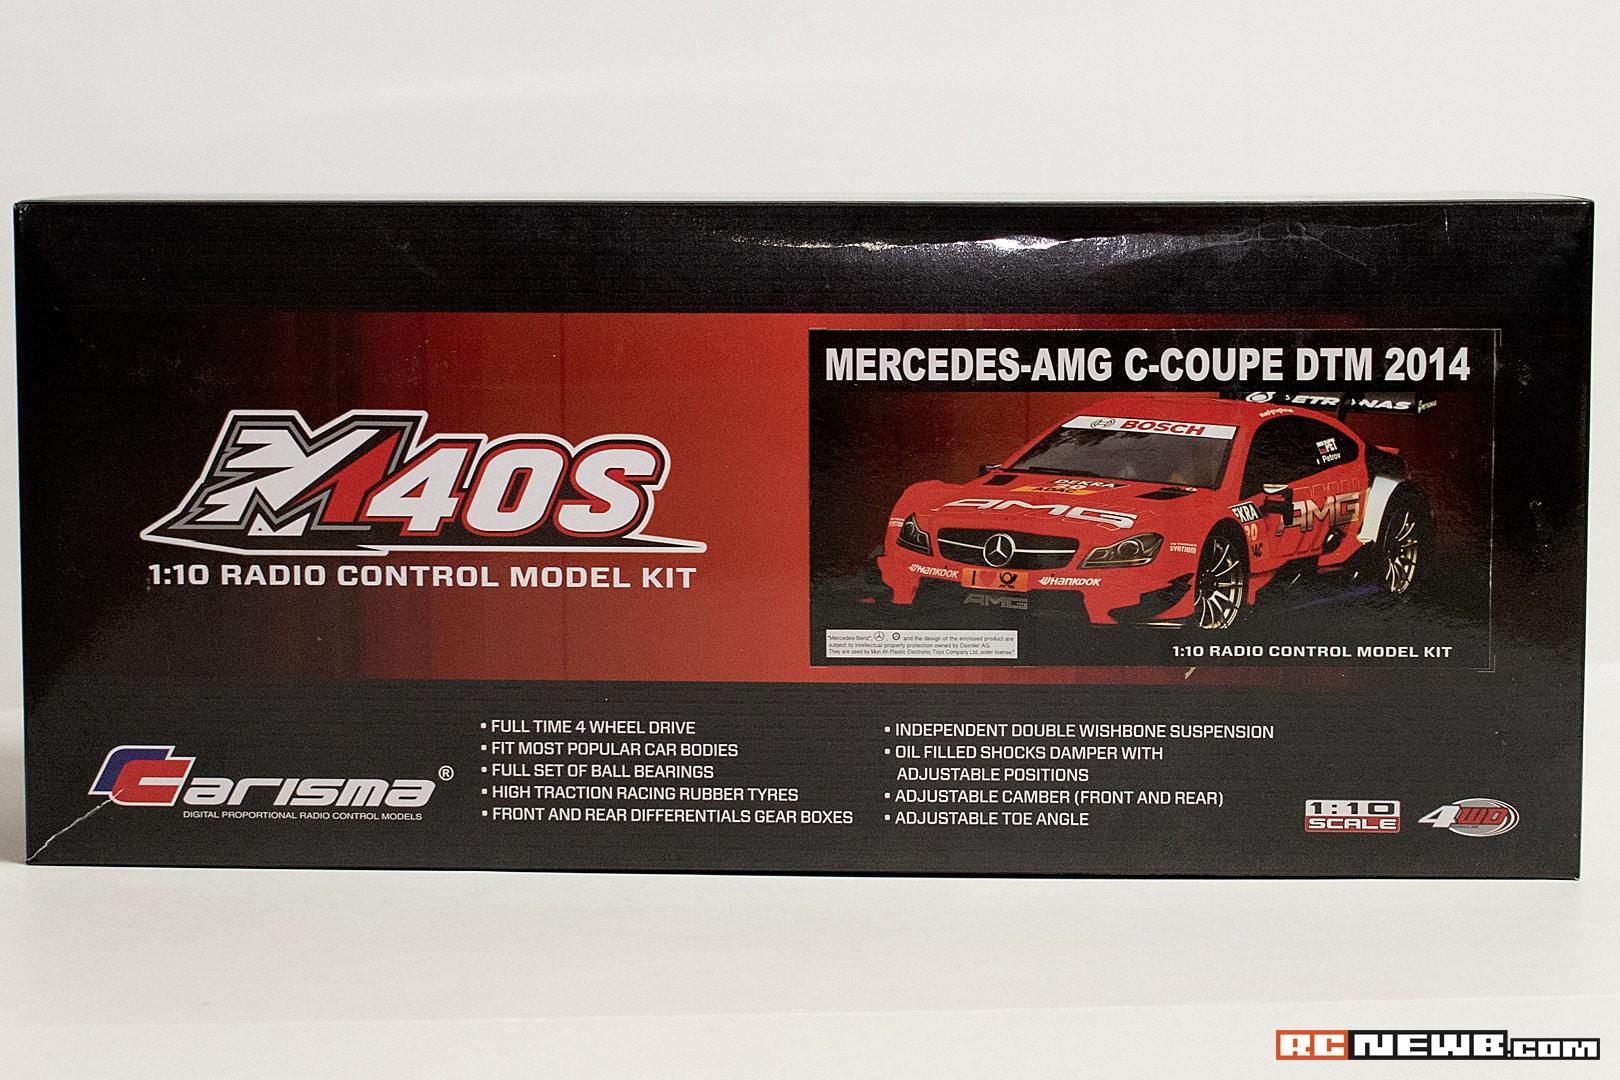 Carisma M40S Kit Build - 1